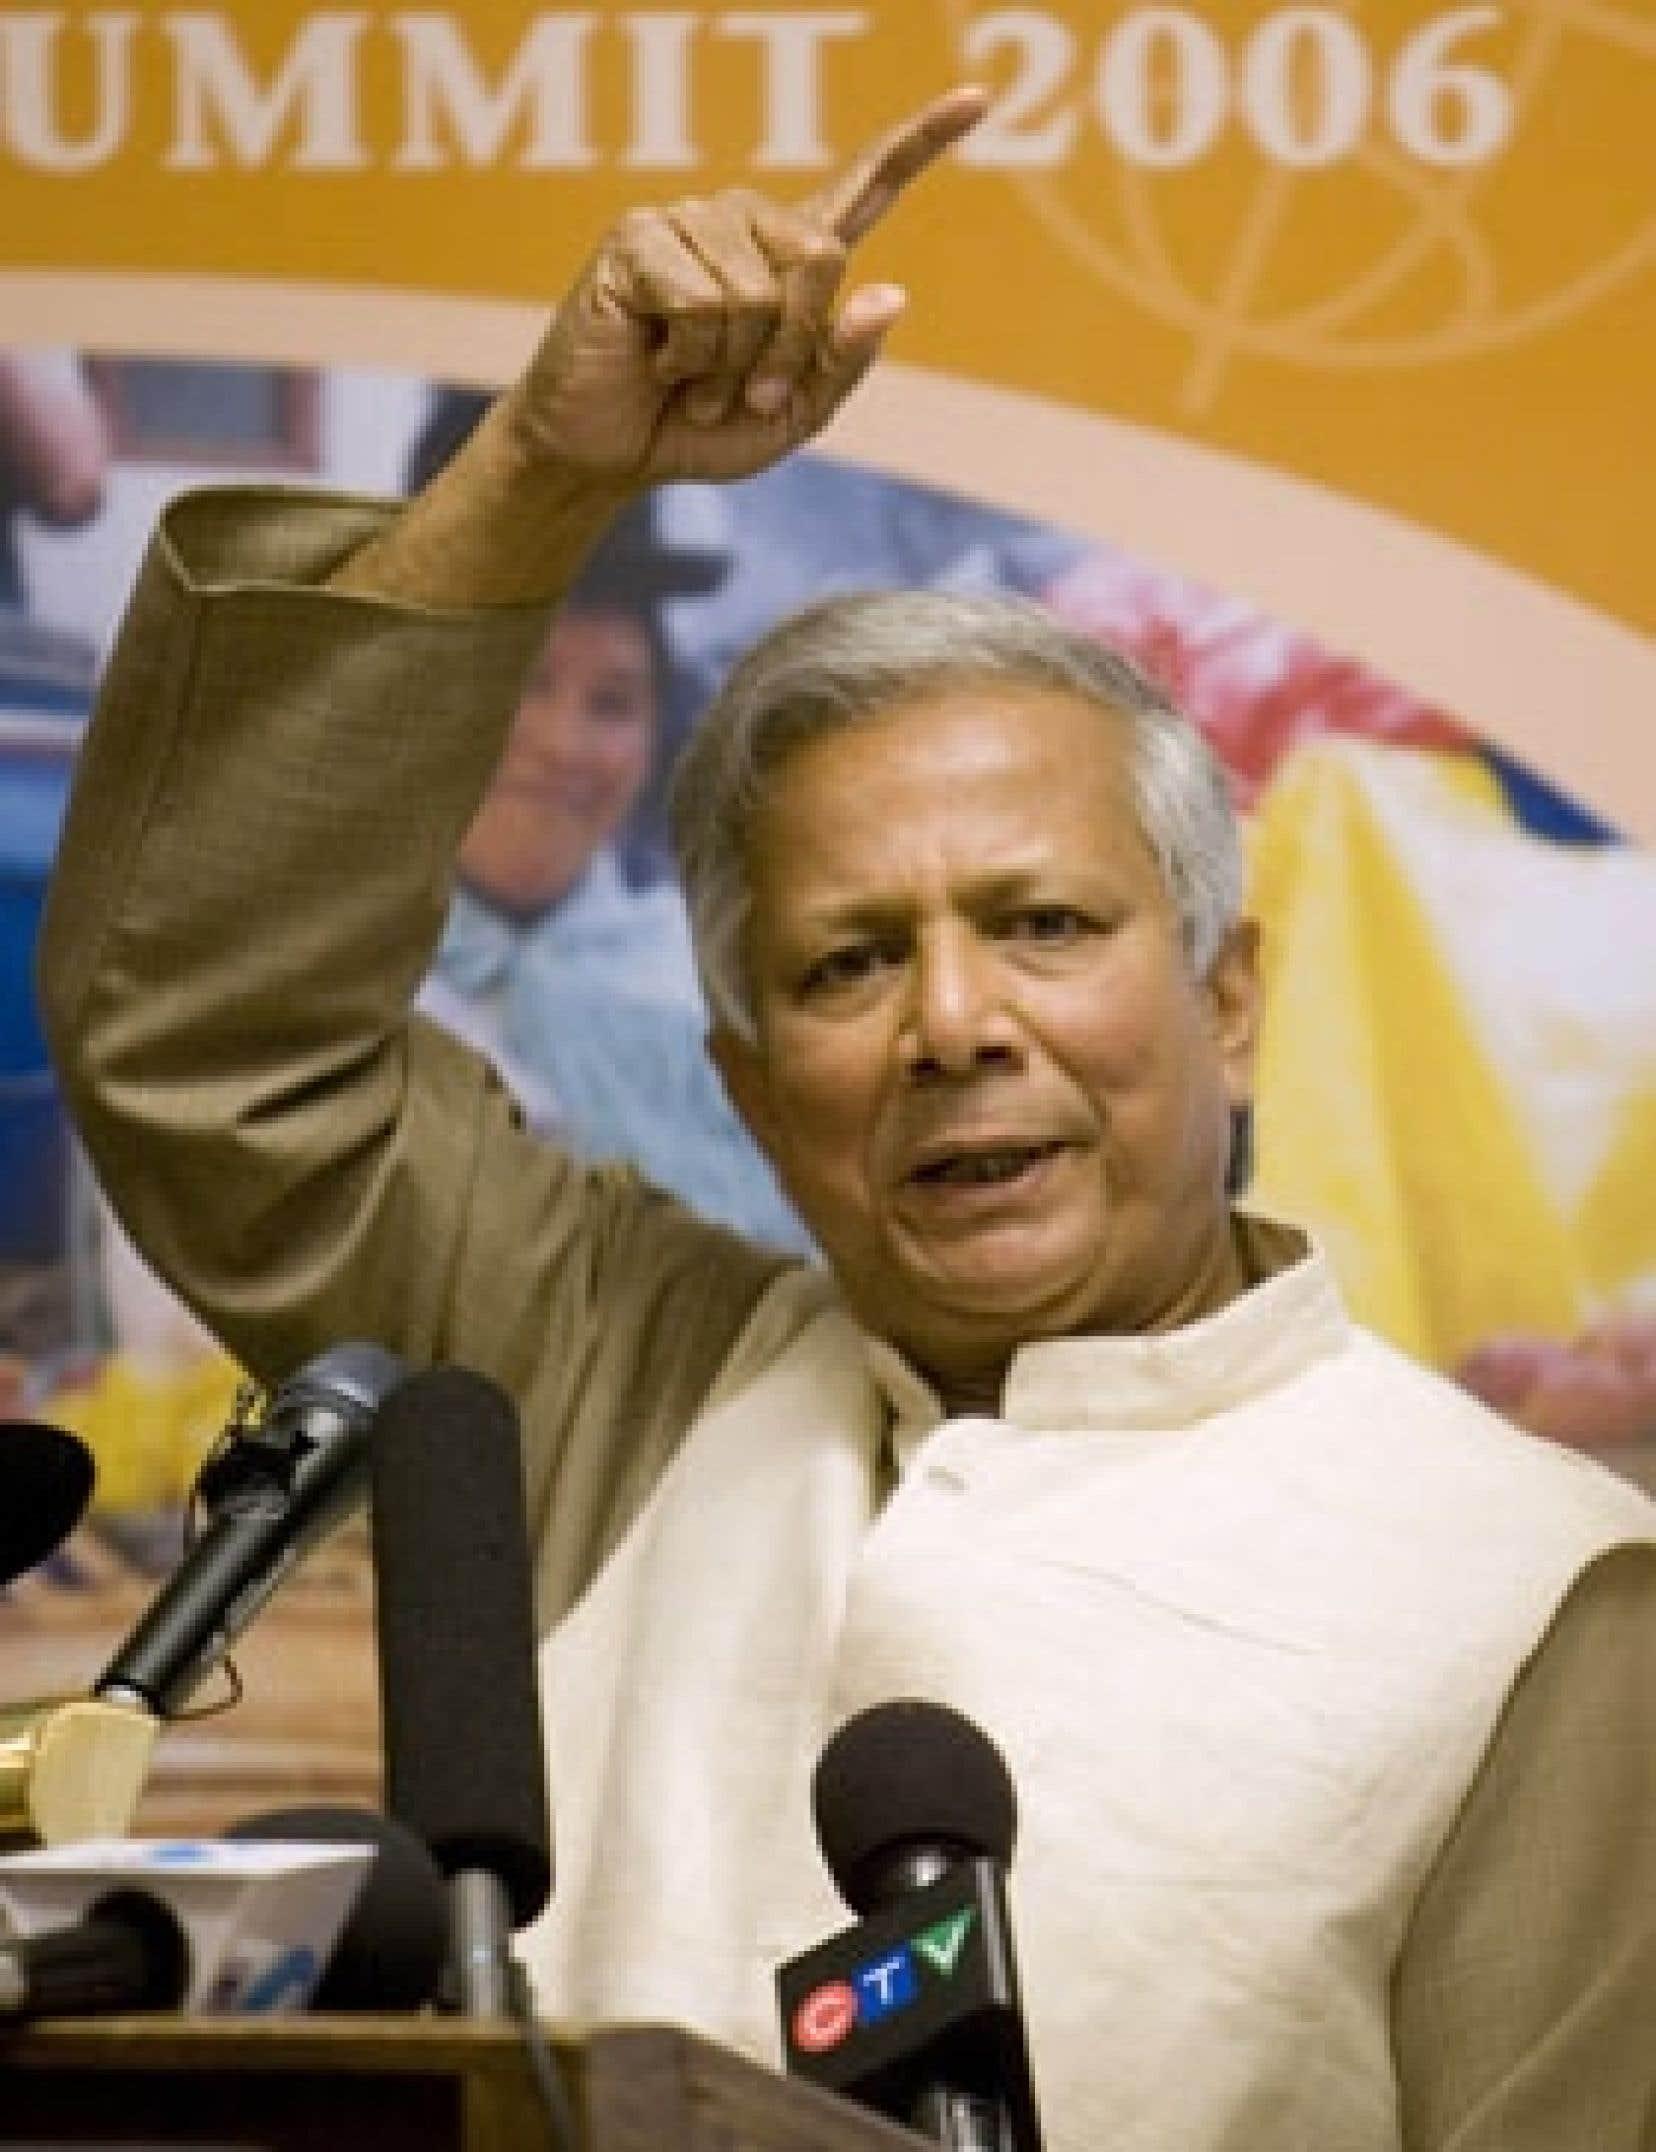 Le Bangladais Muhammad Yunus, connu dans son pays commele«banquierdes pauvres», veut que la Banque mondiale aide plus directement les pauvres.